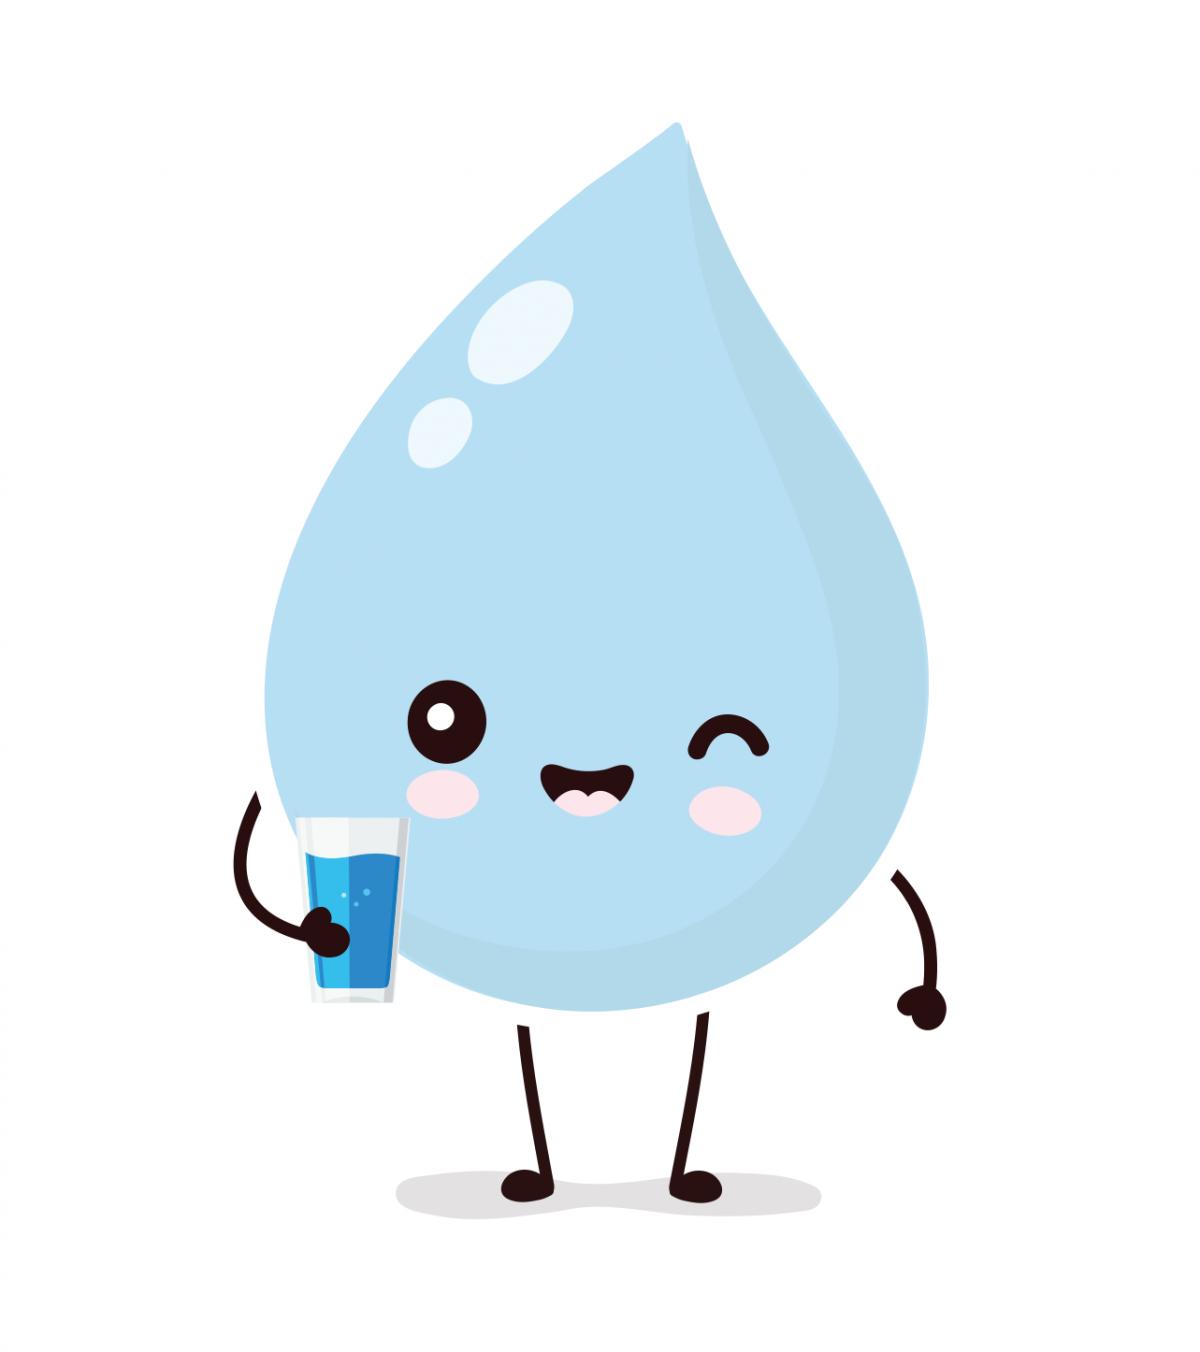 eau_du_robinet_bis.png